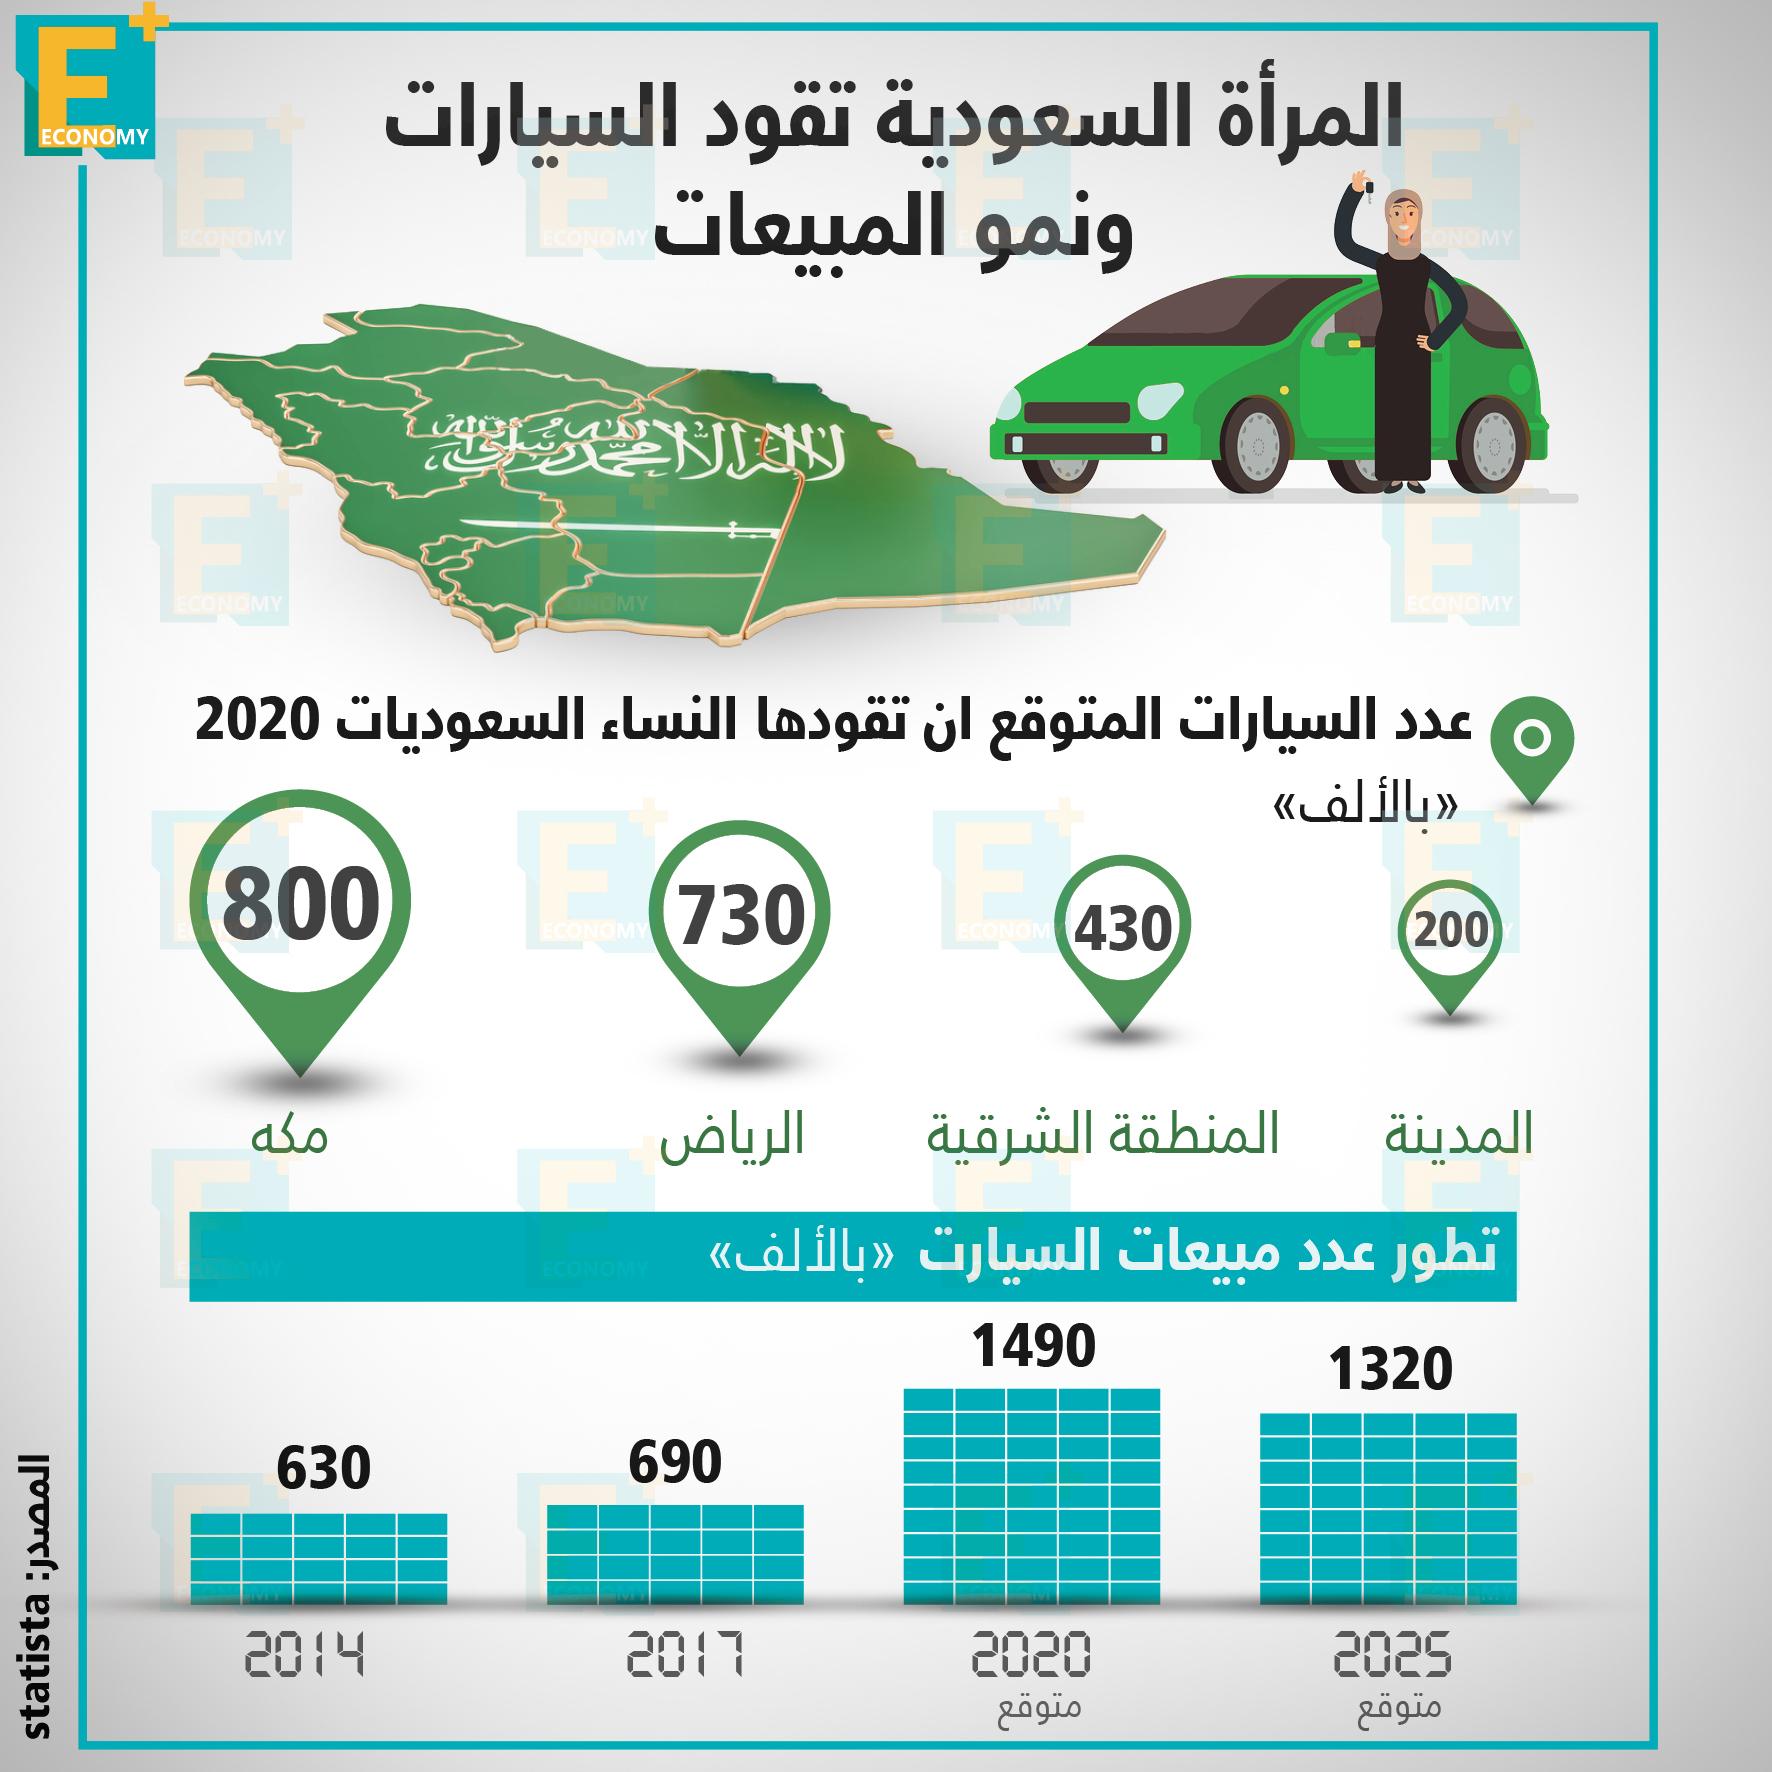 نمو مبيعات السيارات مع بداية السماح للمرأة السعودية بالقيادة